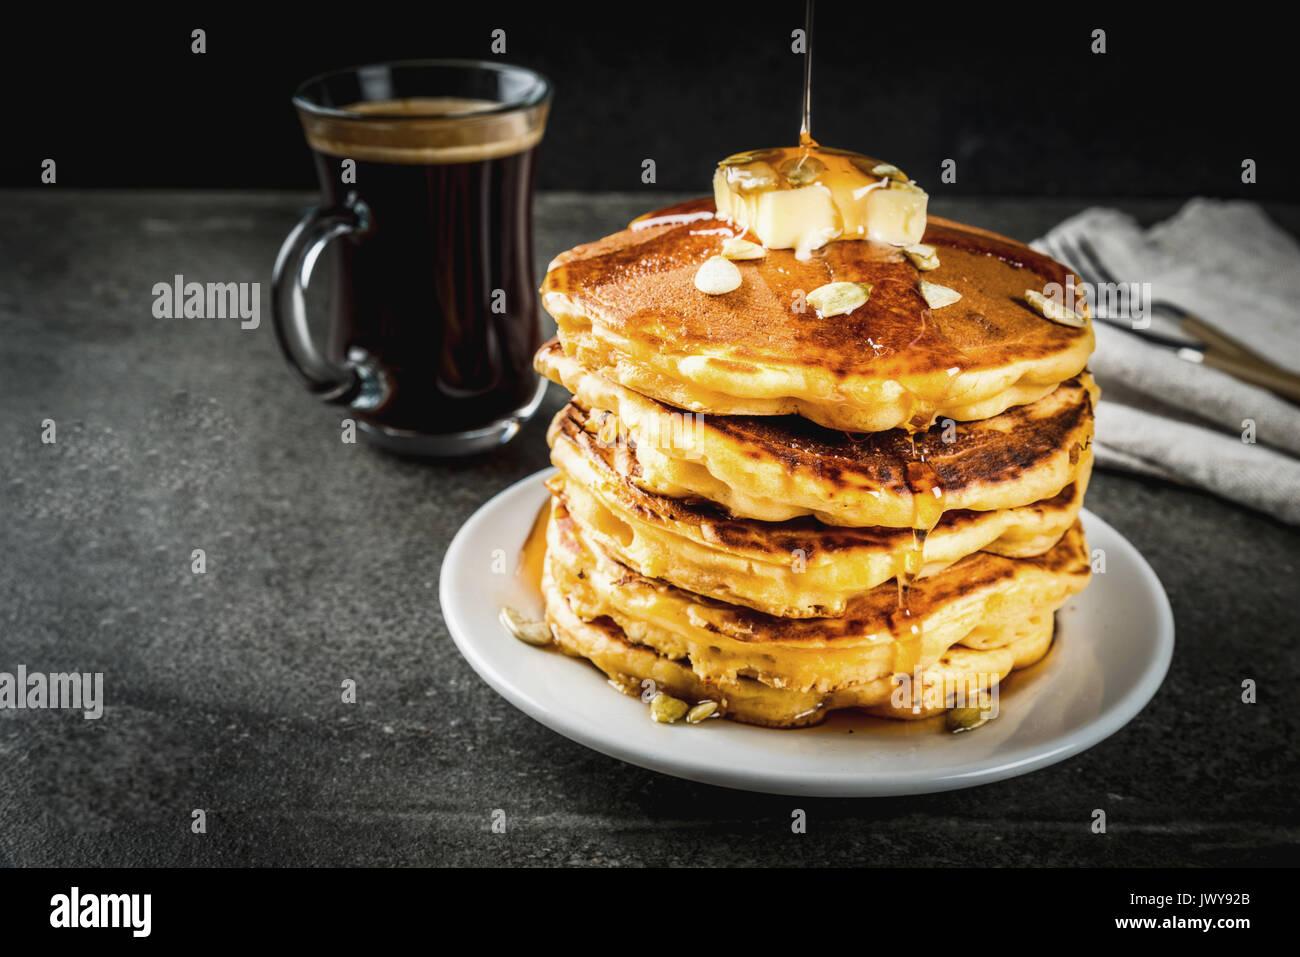 Herbstliche traditionelles Essen. Stapel von Kürbis Pfannkuchen mit Butter, Kürbiskerne und Ahornsirup. Mit einer Tasse Kaffee. Auf einem schwarzen Steintisch. Kopieren Sie sp Stockfoto